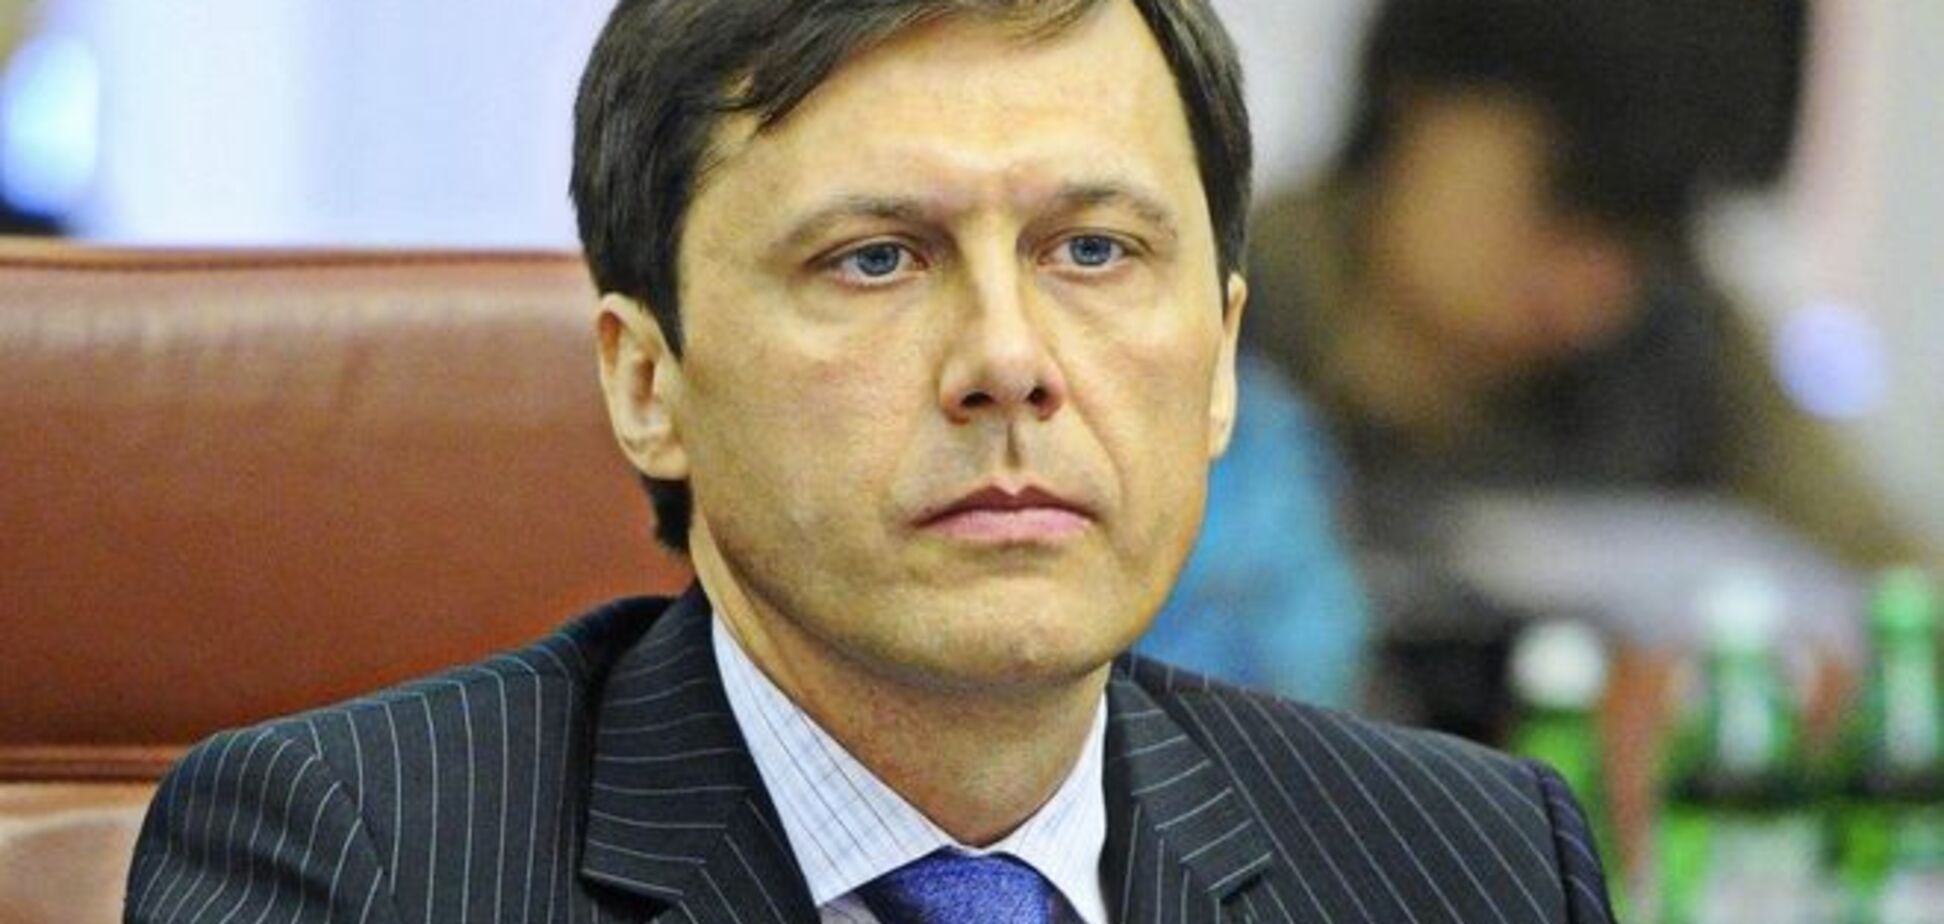 'Любитель чартеров' Шевченко рассказал, как работают 'схемы' в Минэкологии